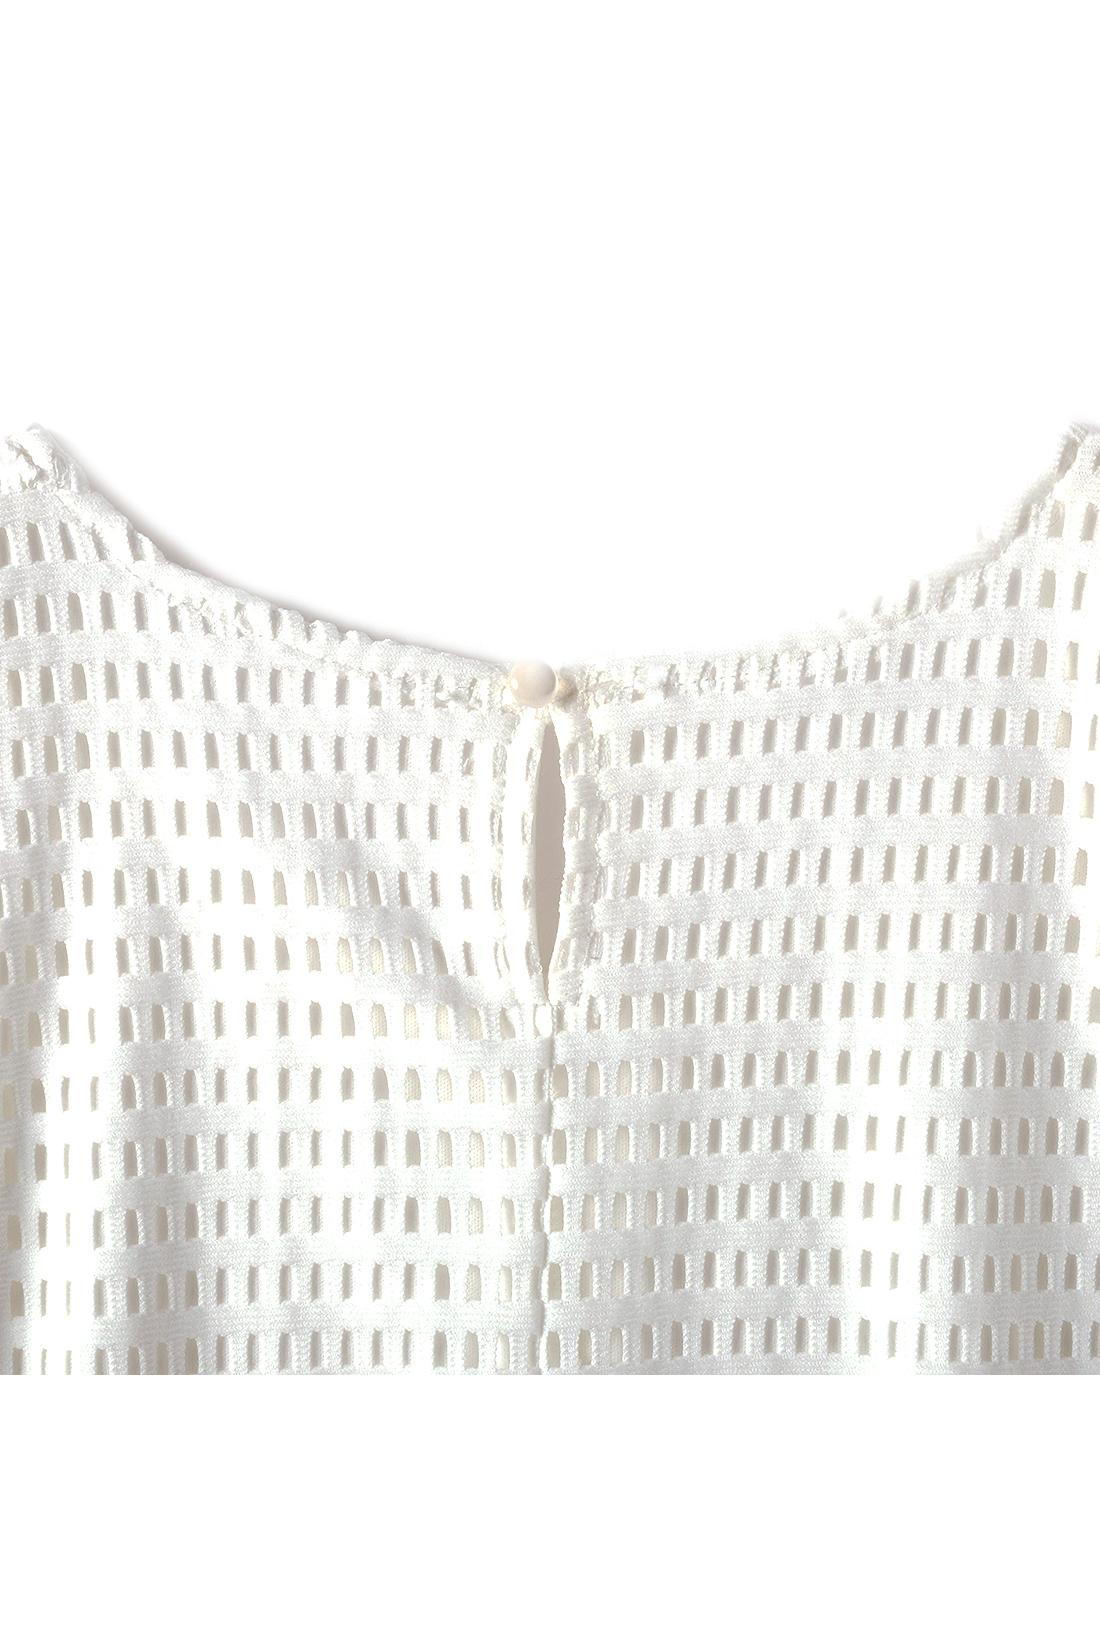 BACK 涙開きデザインと小さめのつややかボタンが、バックスタイルを美しく見せるポイント。